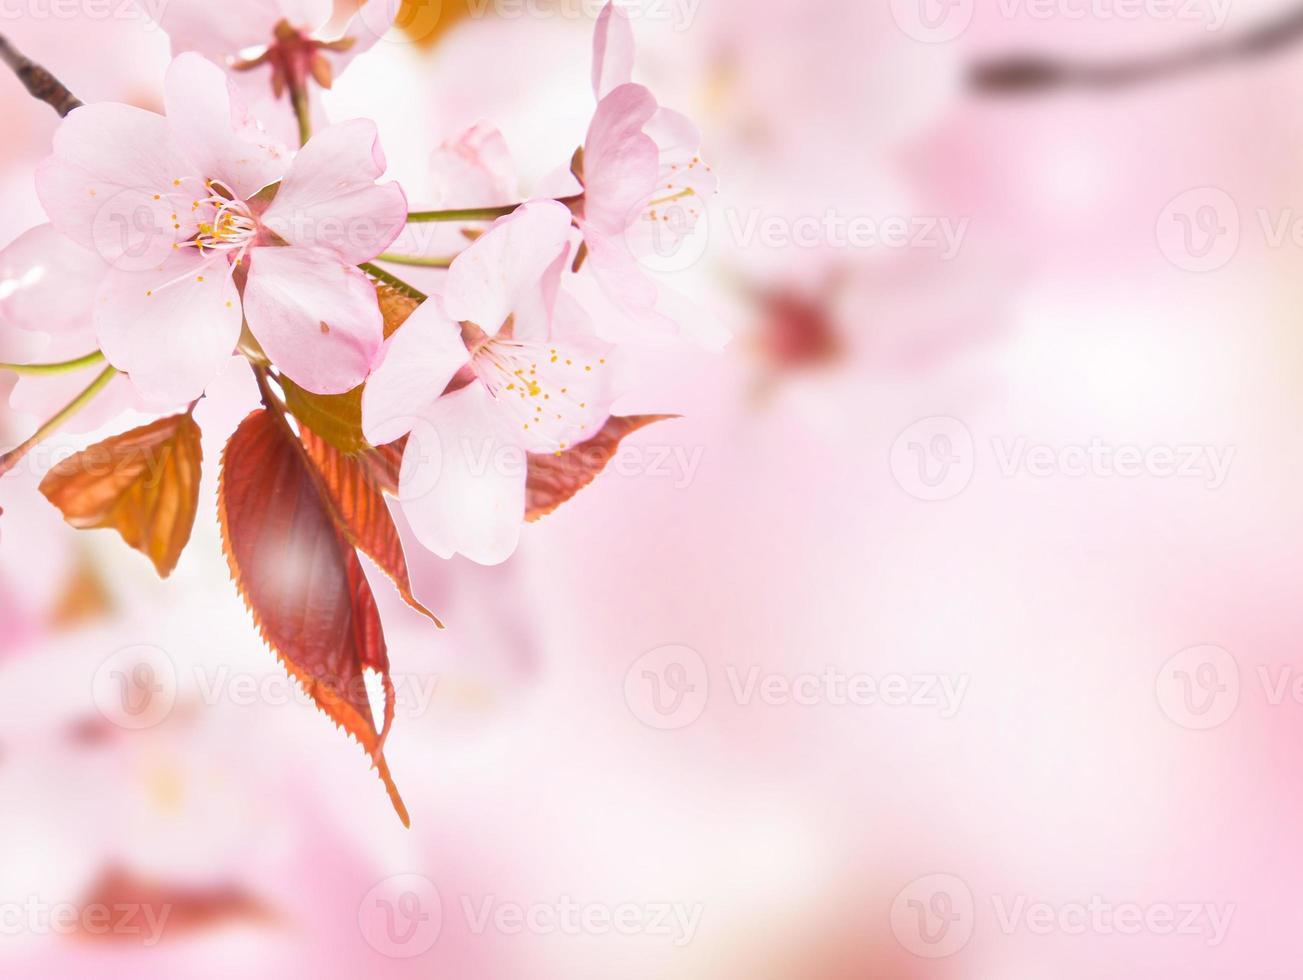 Spring concept photo